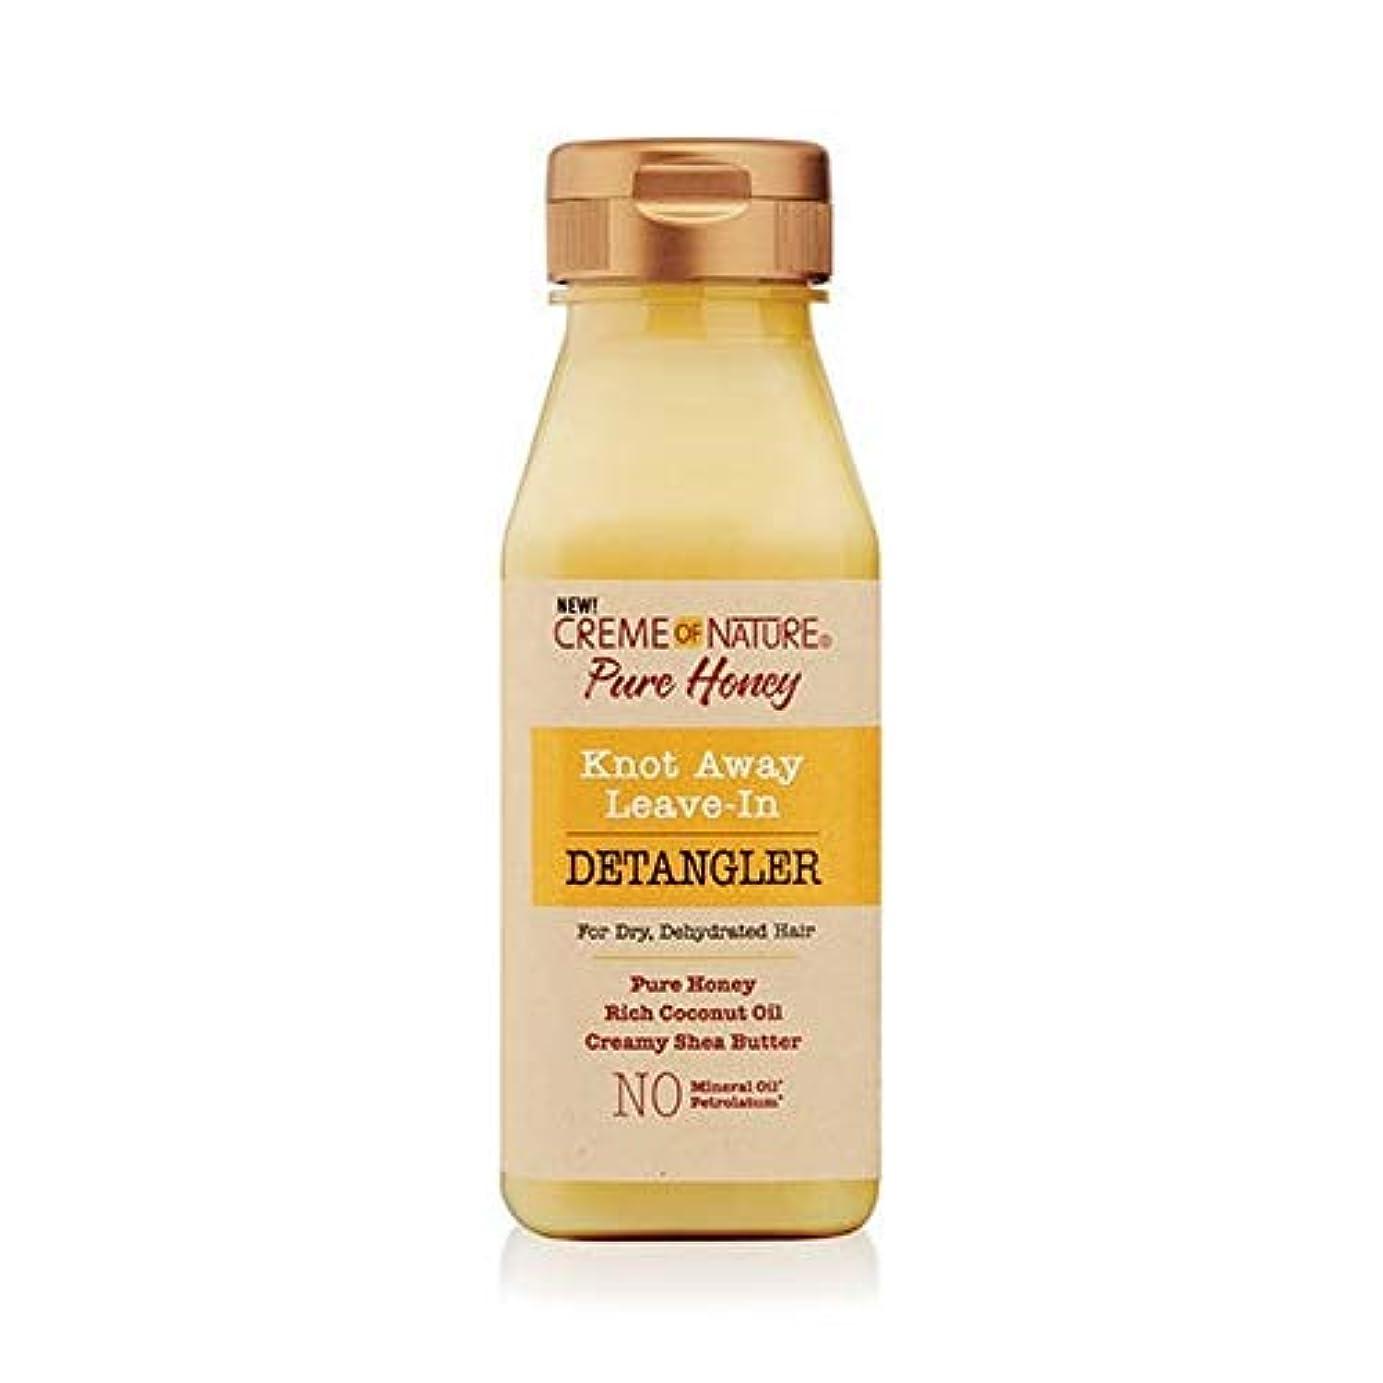 フィラデルフィア処方するミキサー[Creme of Nature ] 自然の純粋な蜂蜜の結び目のクリームは離れDetanglerに残します - Creme of Nature Pure Honey Knot Away Leave in Detangler...